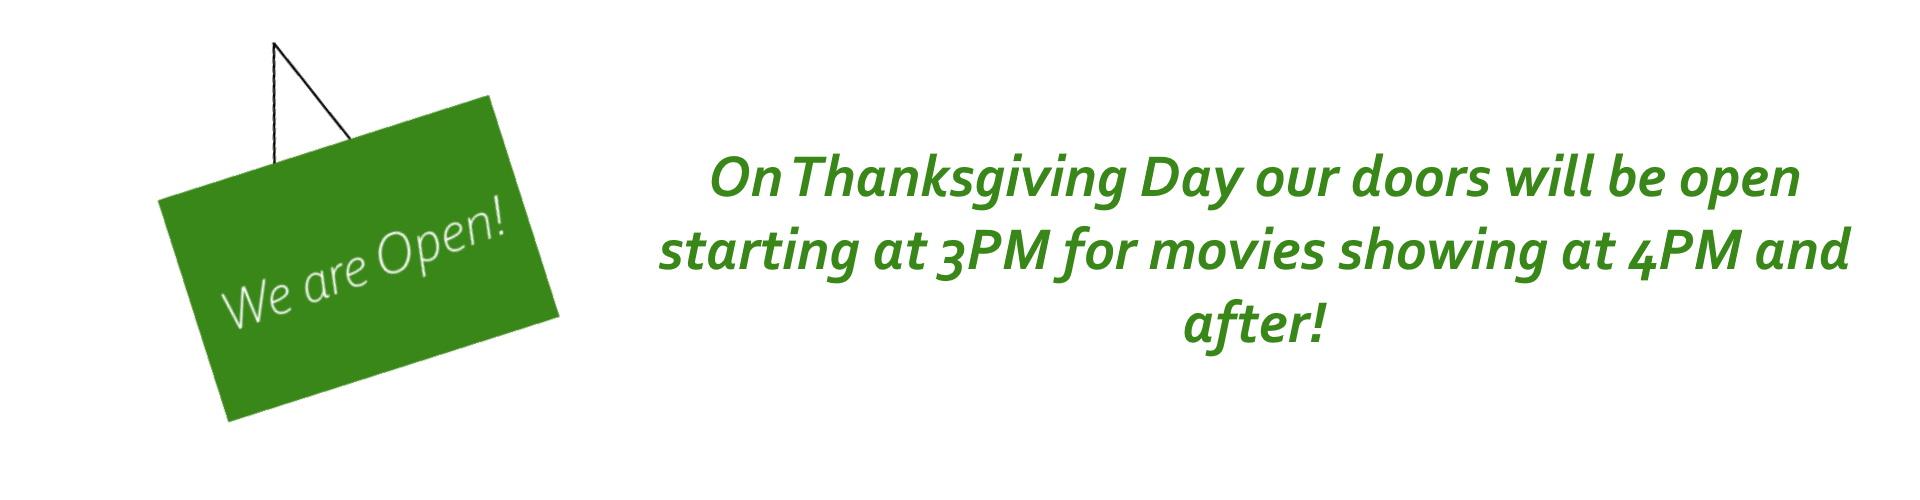 thanksgivingweareopen